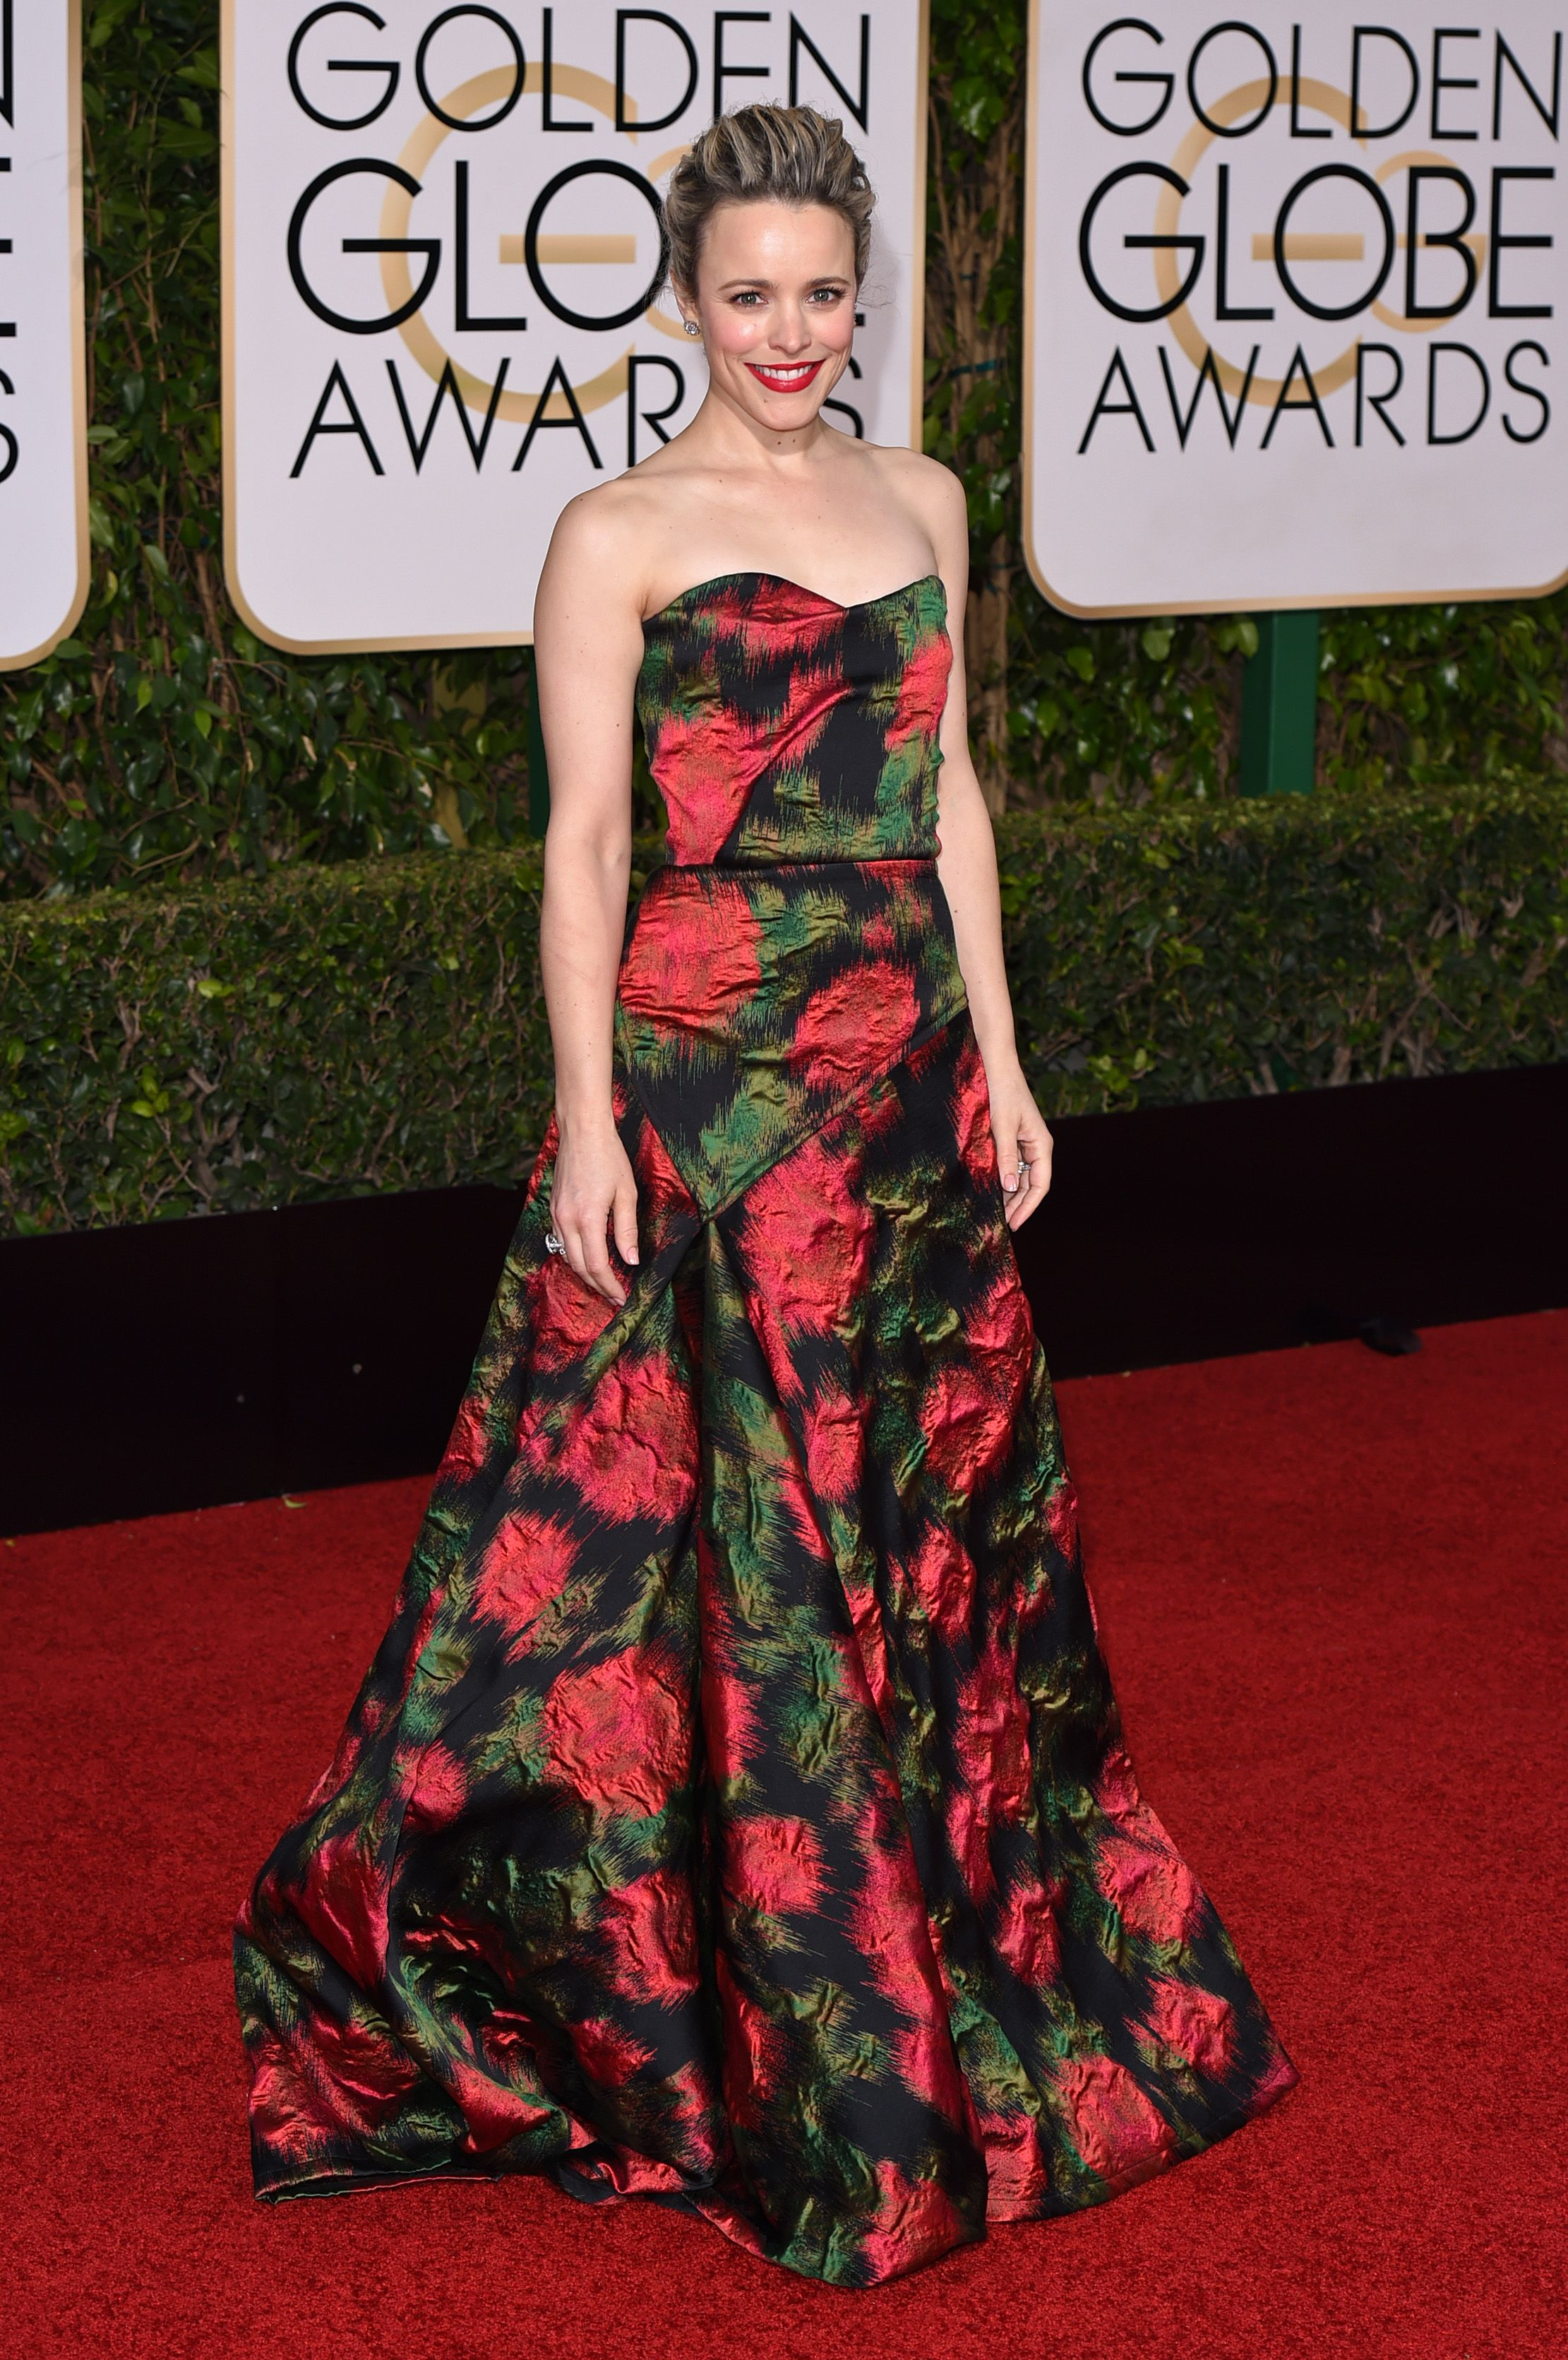 Rachel McAdams Golden Globes 2016